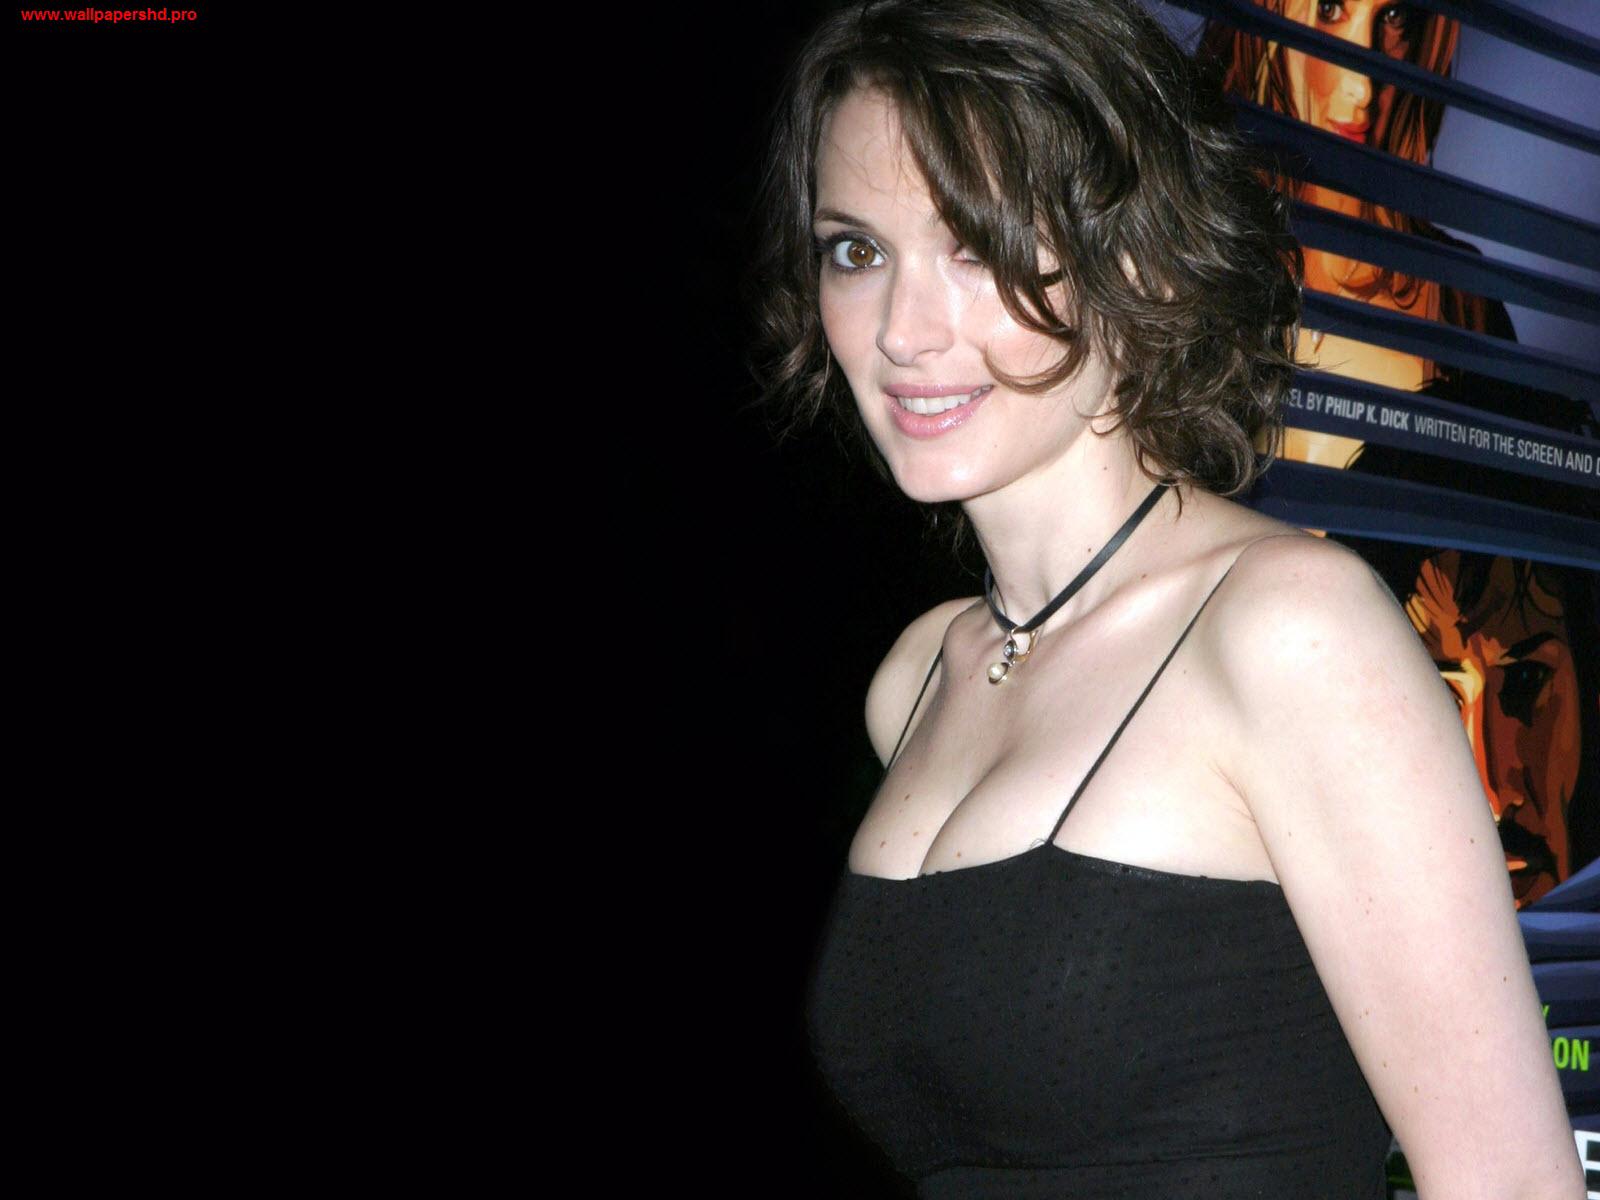 http://3.bp.blogspot.com/-iccEZYJGA0w/UOBy8O5ZTDI/AAAAAAAAV38/I4im6OvK5fQ/s1600/winona+ryder+(8).jpg